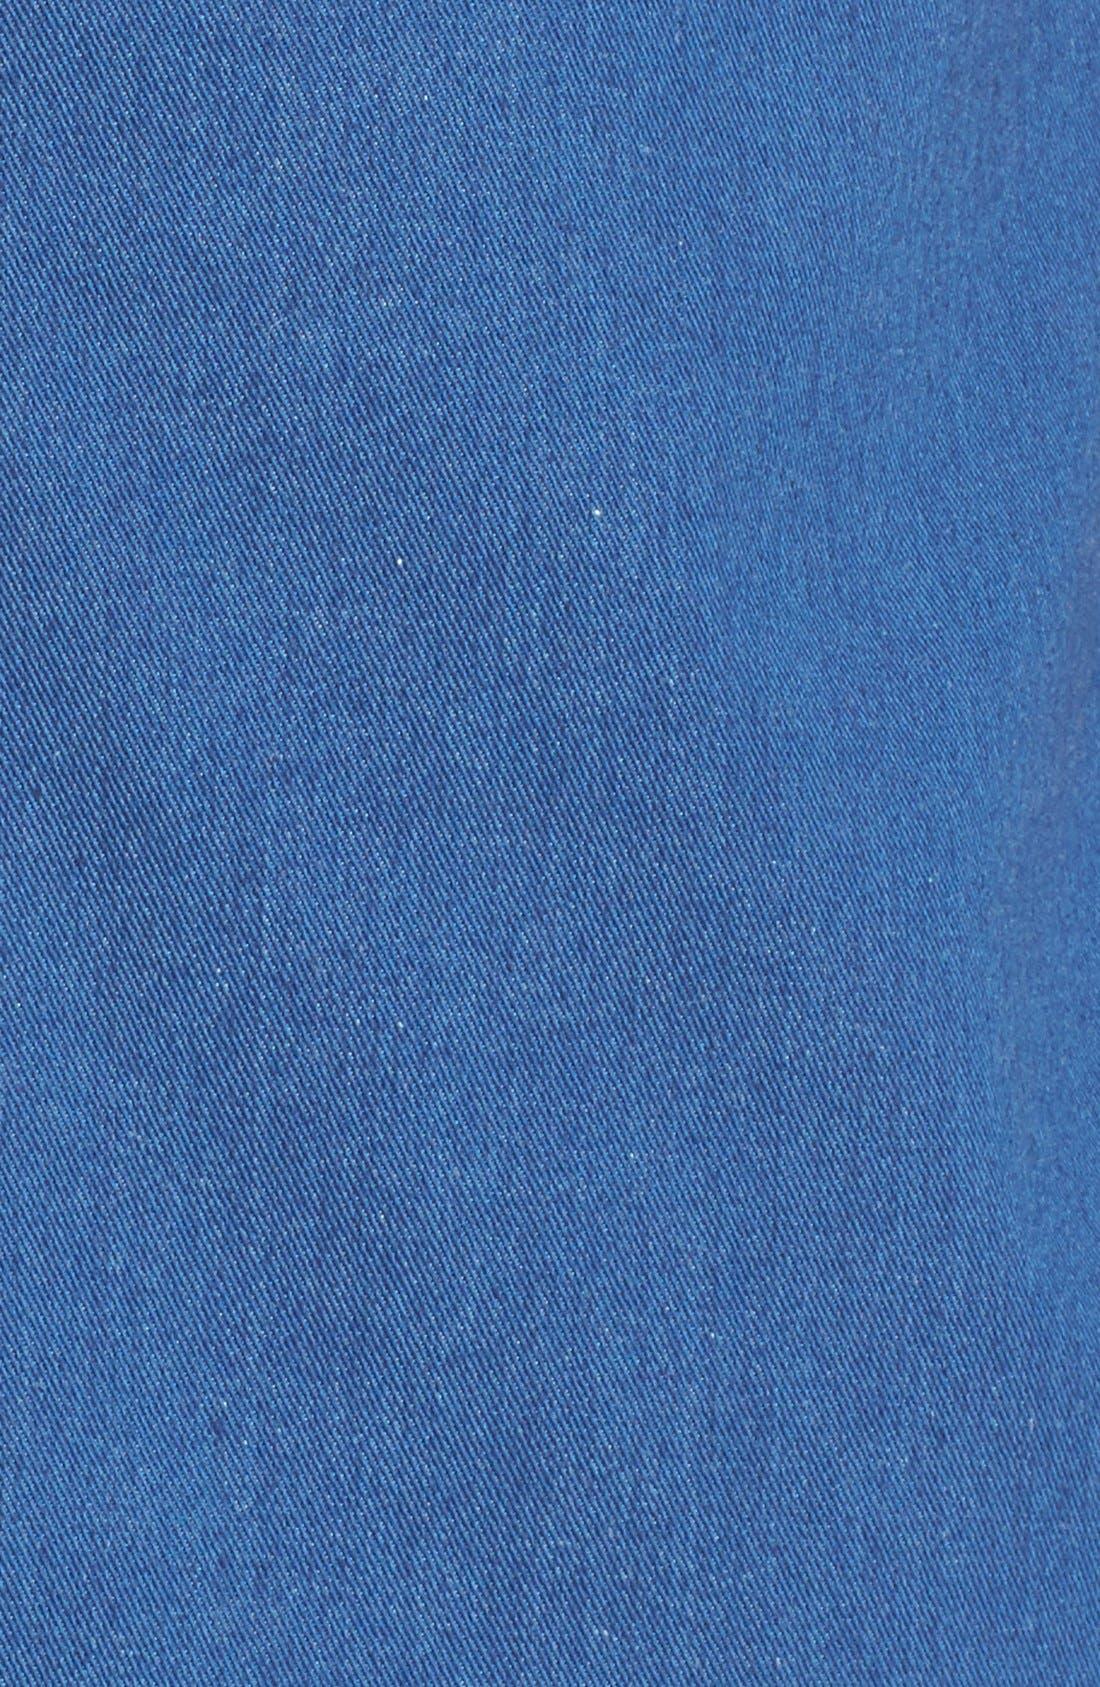 Alternate Image 3  - MARC JACOBS Patch Pocket Denim Skirt